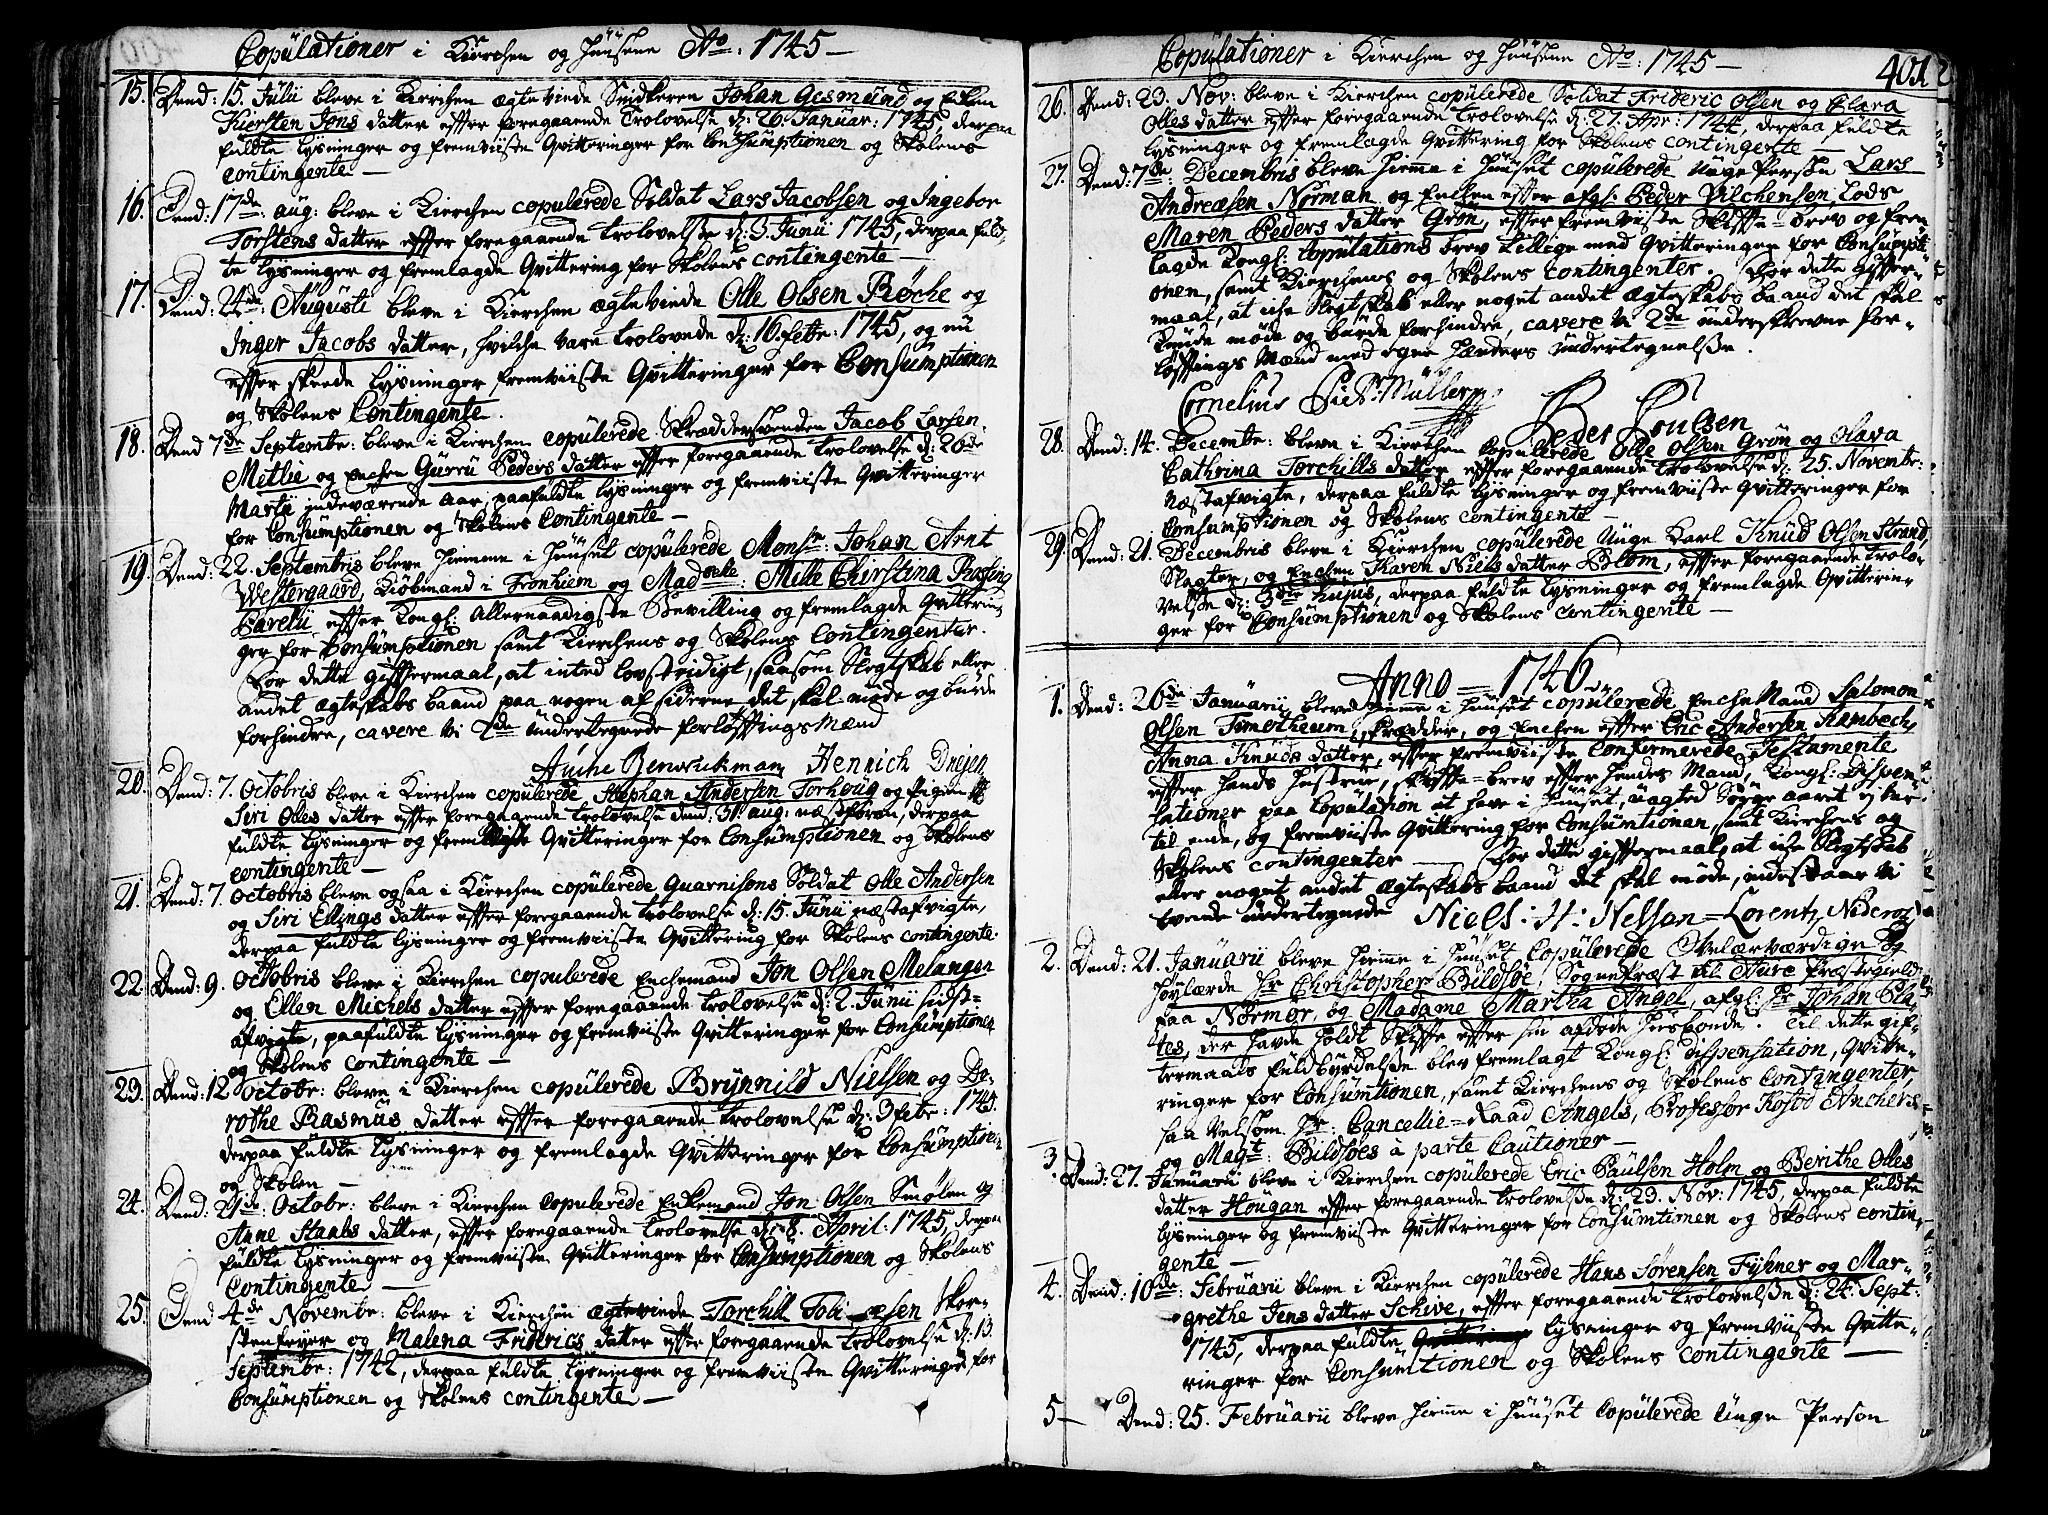 SAT, Ministerialprotokoller, klokkerbøker og fødselsregistre - Sør-Trøndelag, 602/L0103: Ministerialbok nr. 602A01, 1732-1774, s. 401